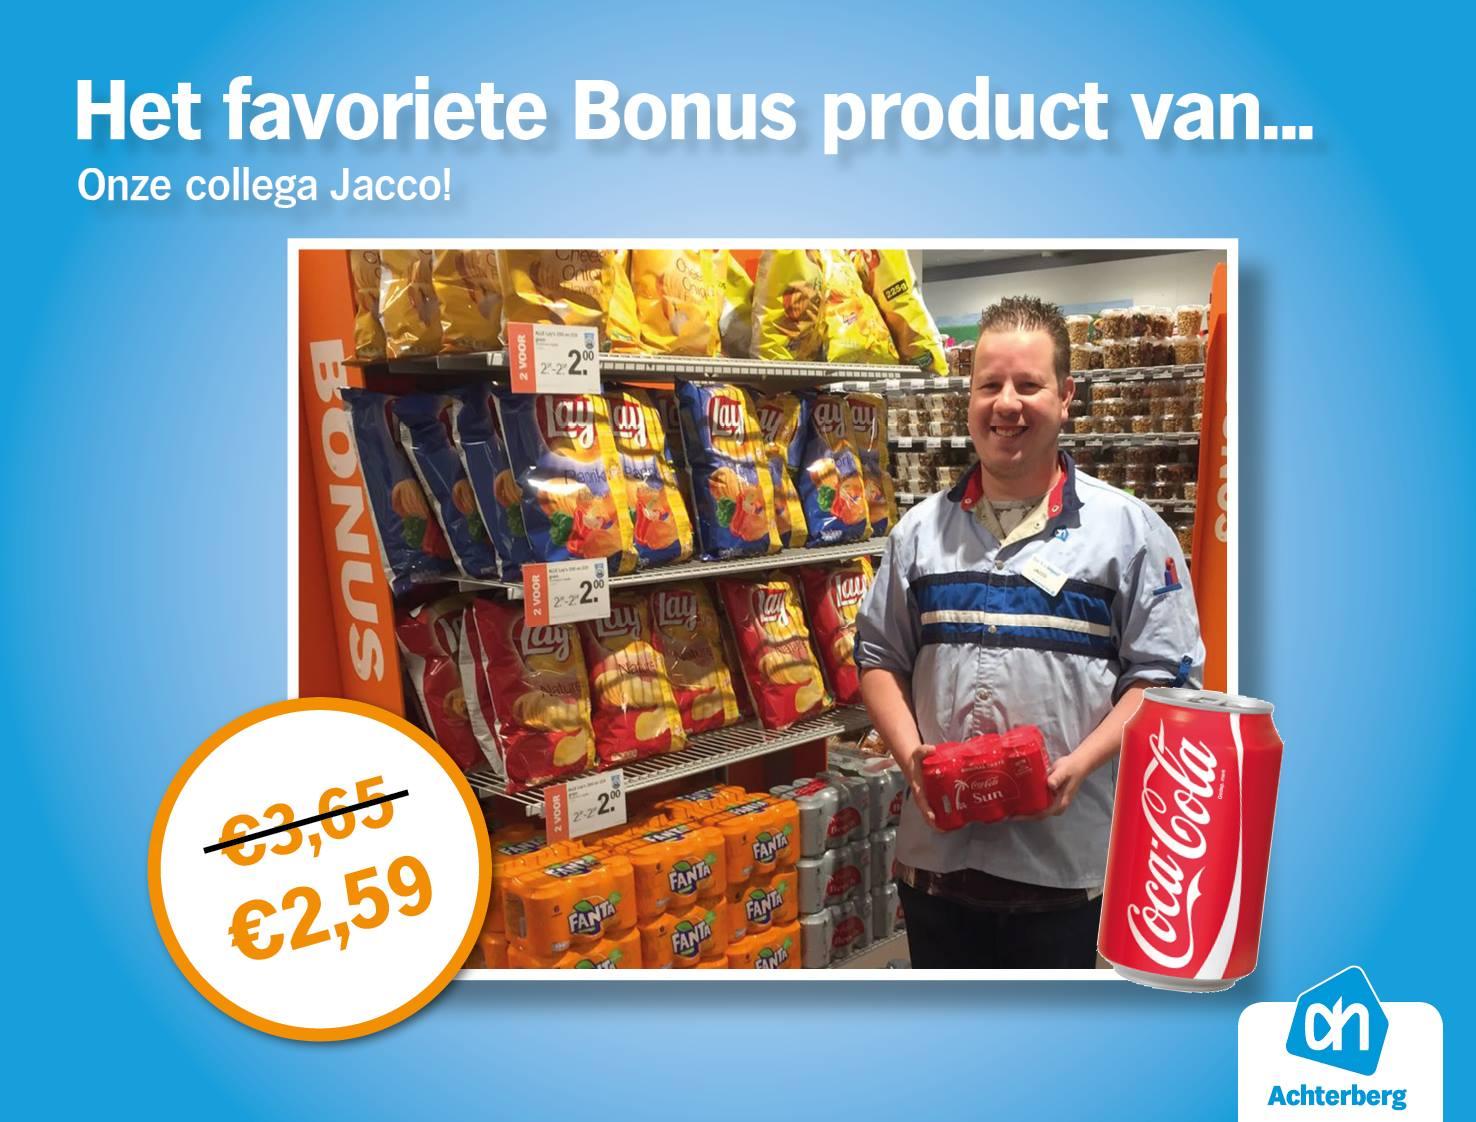 Het favoriete Bonus product van… Onze collega Jacco!